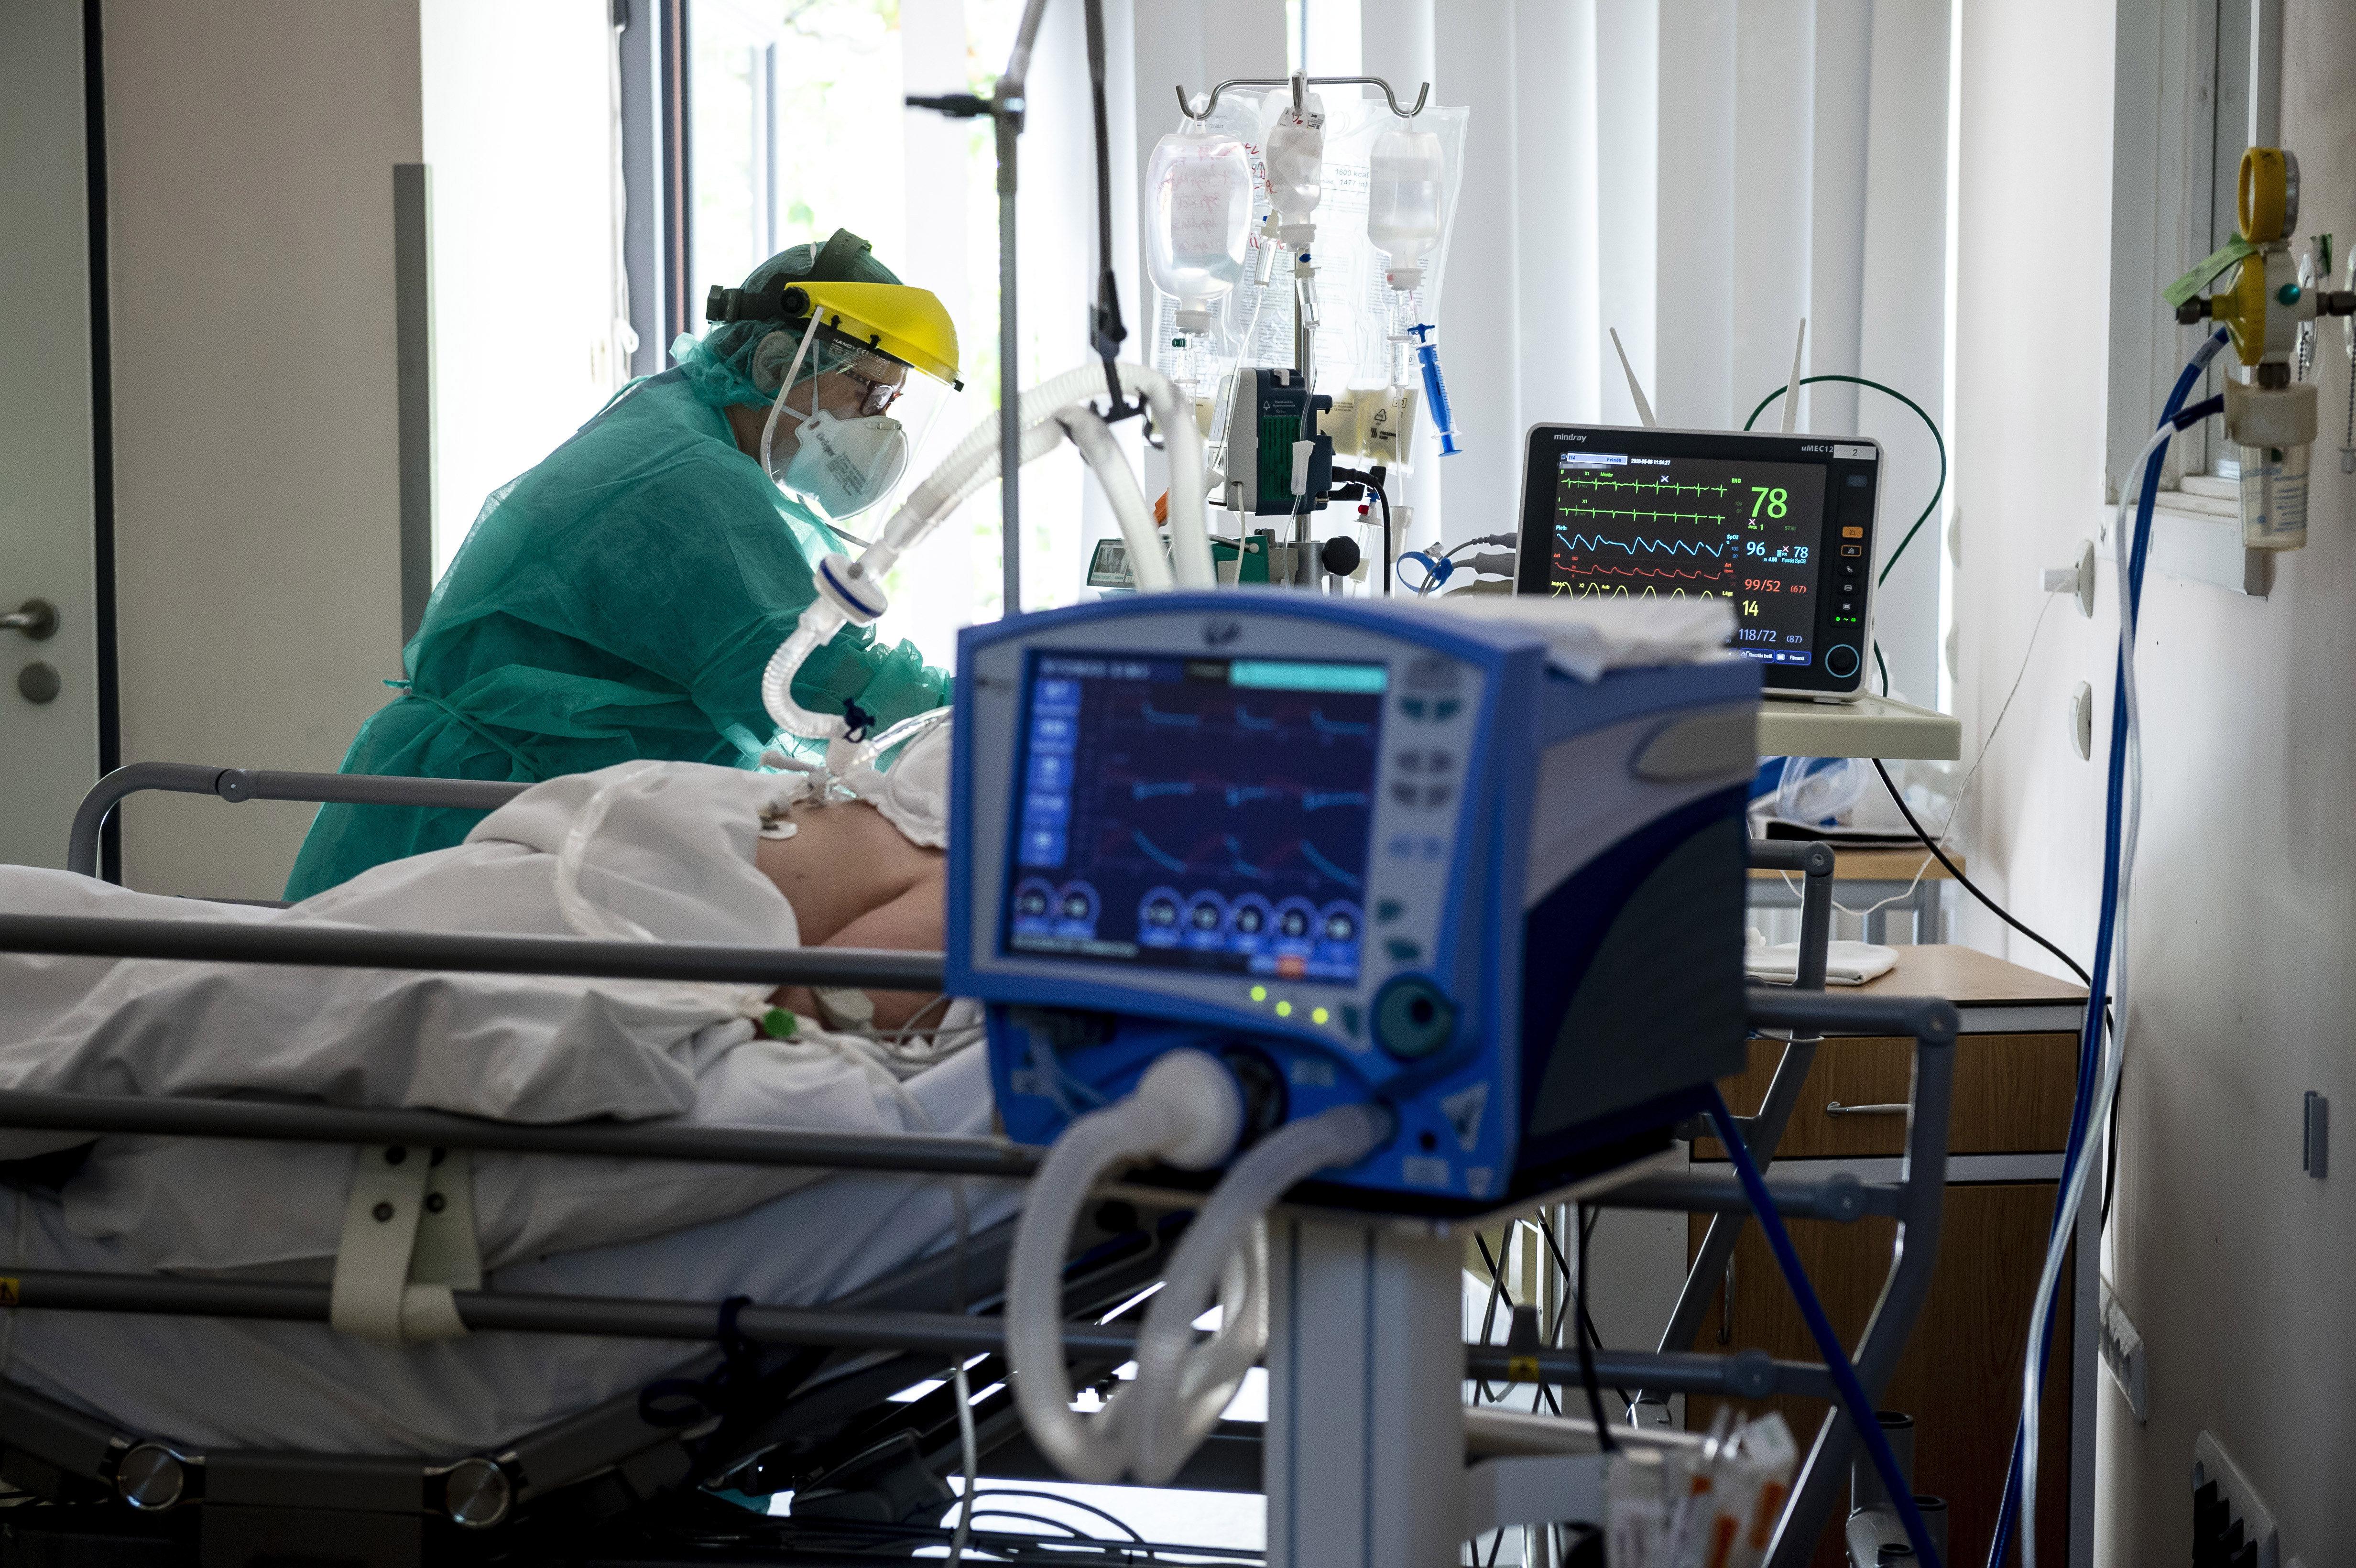 Operatív Törzs: Küszöbön az egészségügyi dolgozók utazási korlátozásainak feloldása